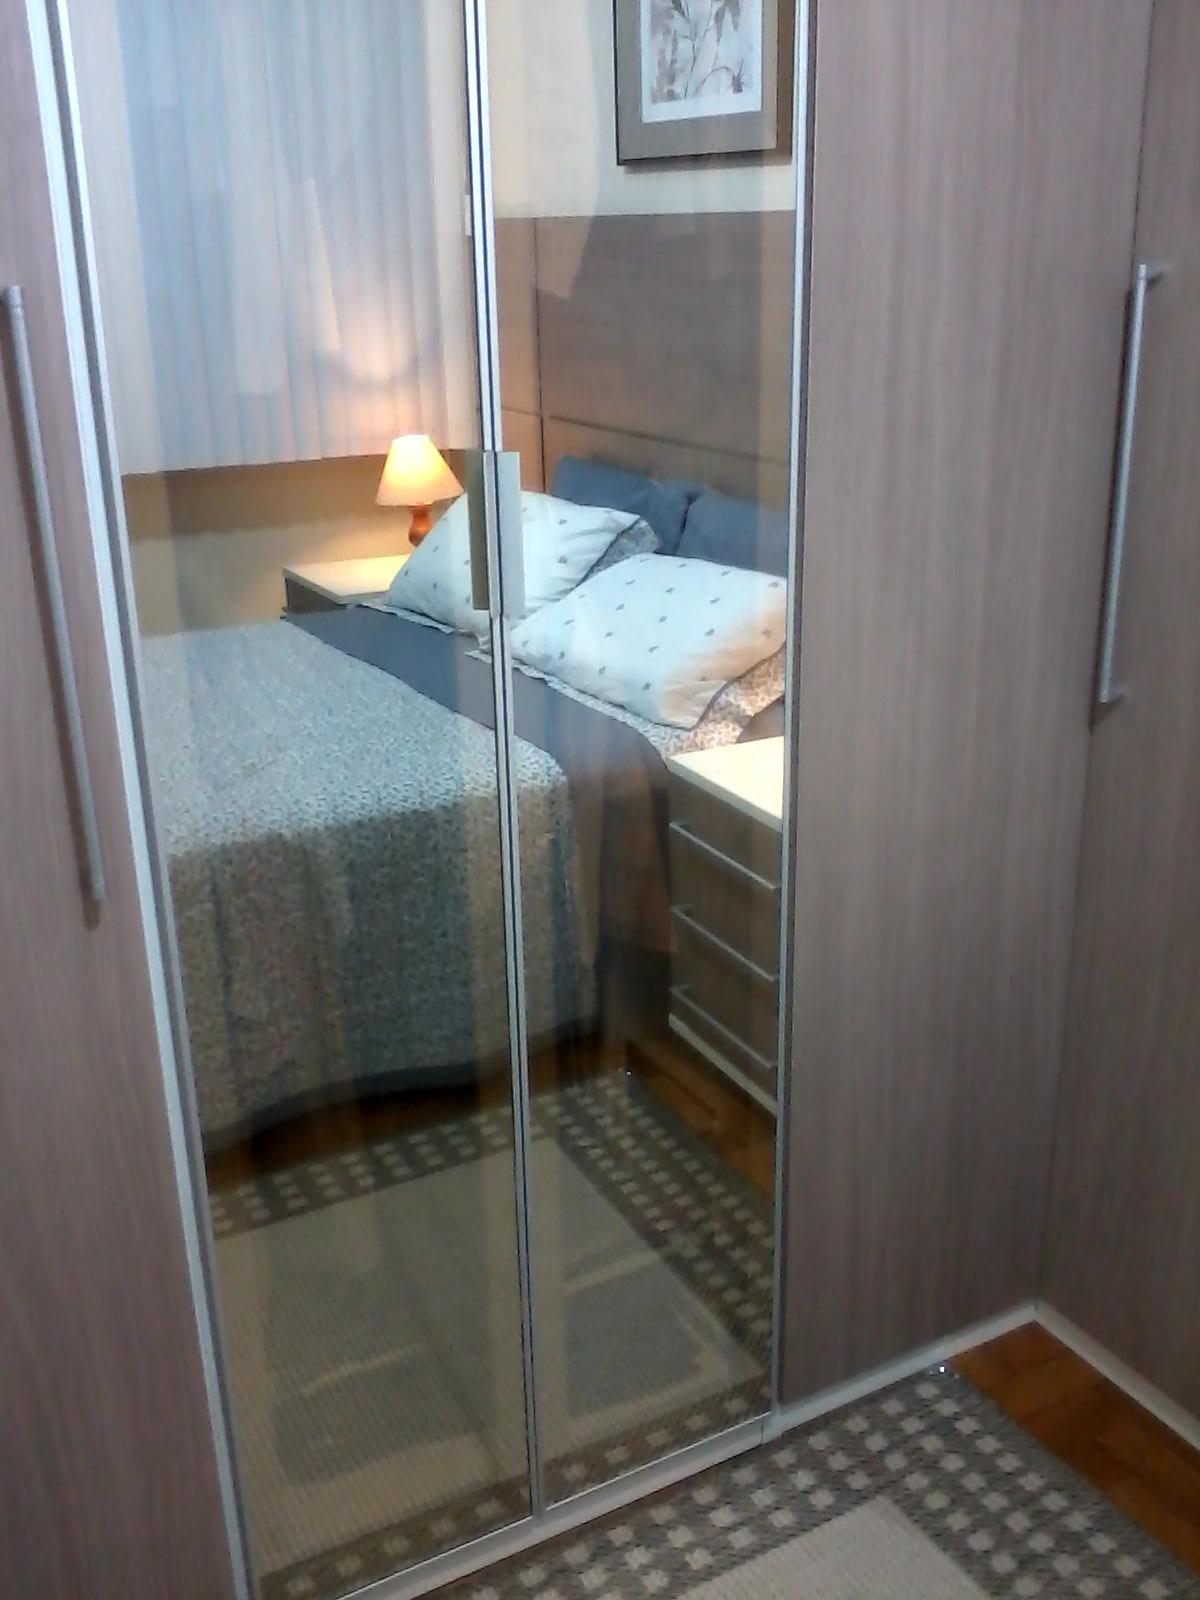 Ambientes & Ideias: Um quarto bonito funcional e aconchegante  #986933 1200x1600 Banheiro Bonito E Funcional